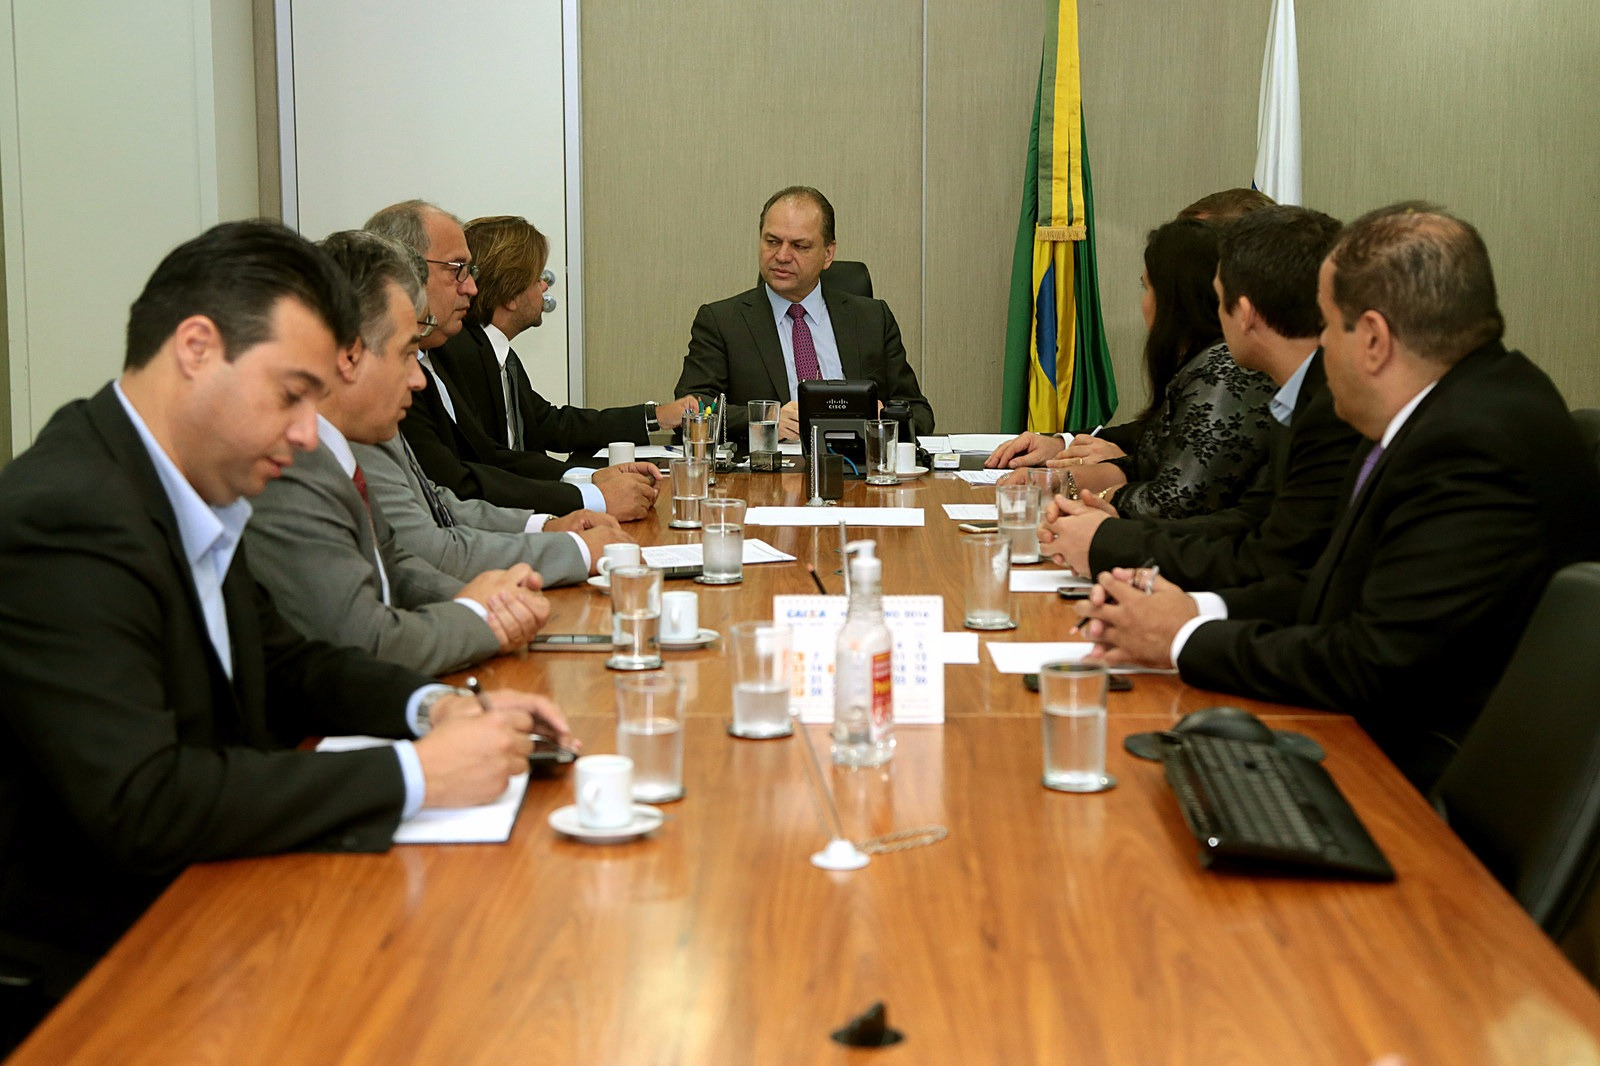 Reunião com o Ministro da Saúde Ricardo Barros - 19 de Outubro